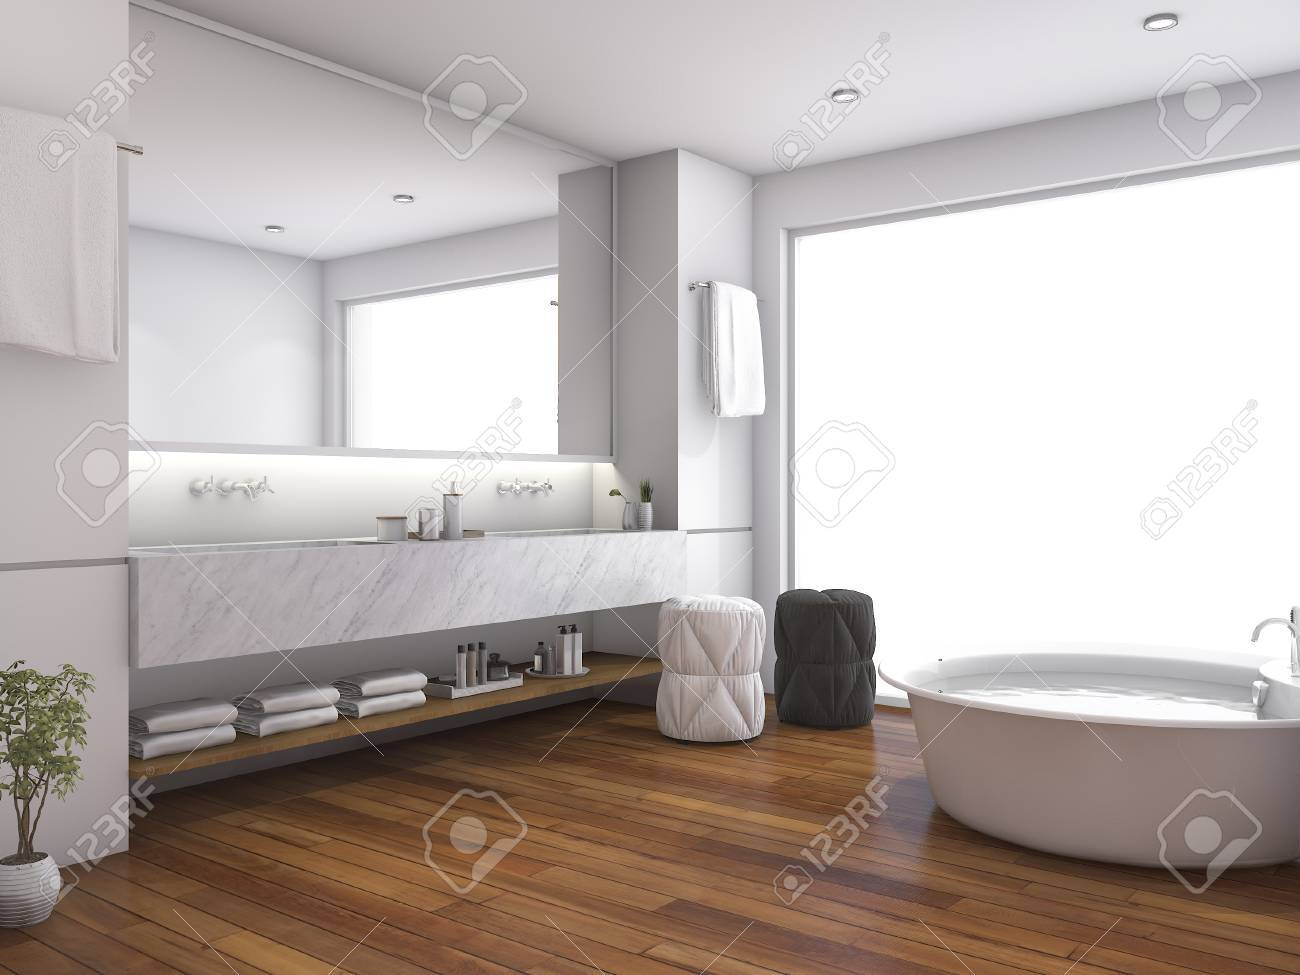 Salle de bain contemporaine en bois rendu près de la fenêtre